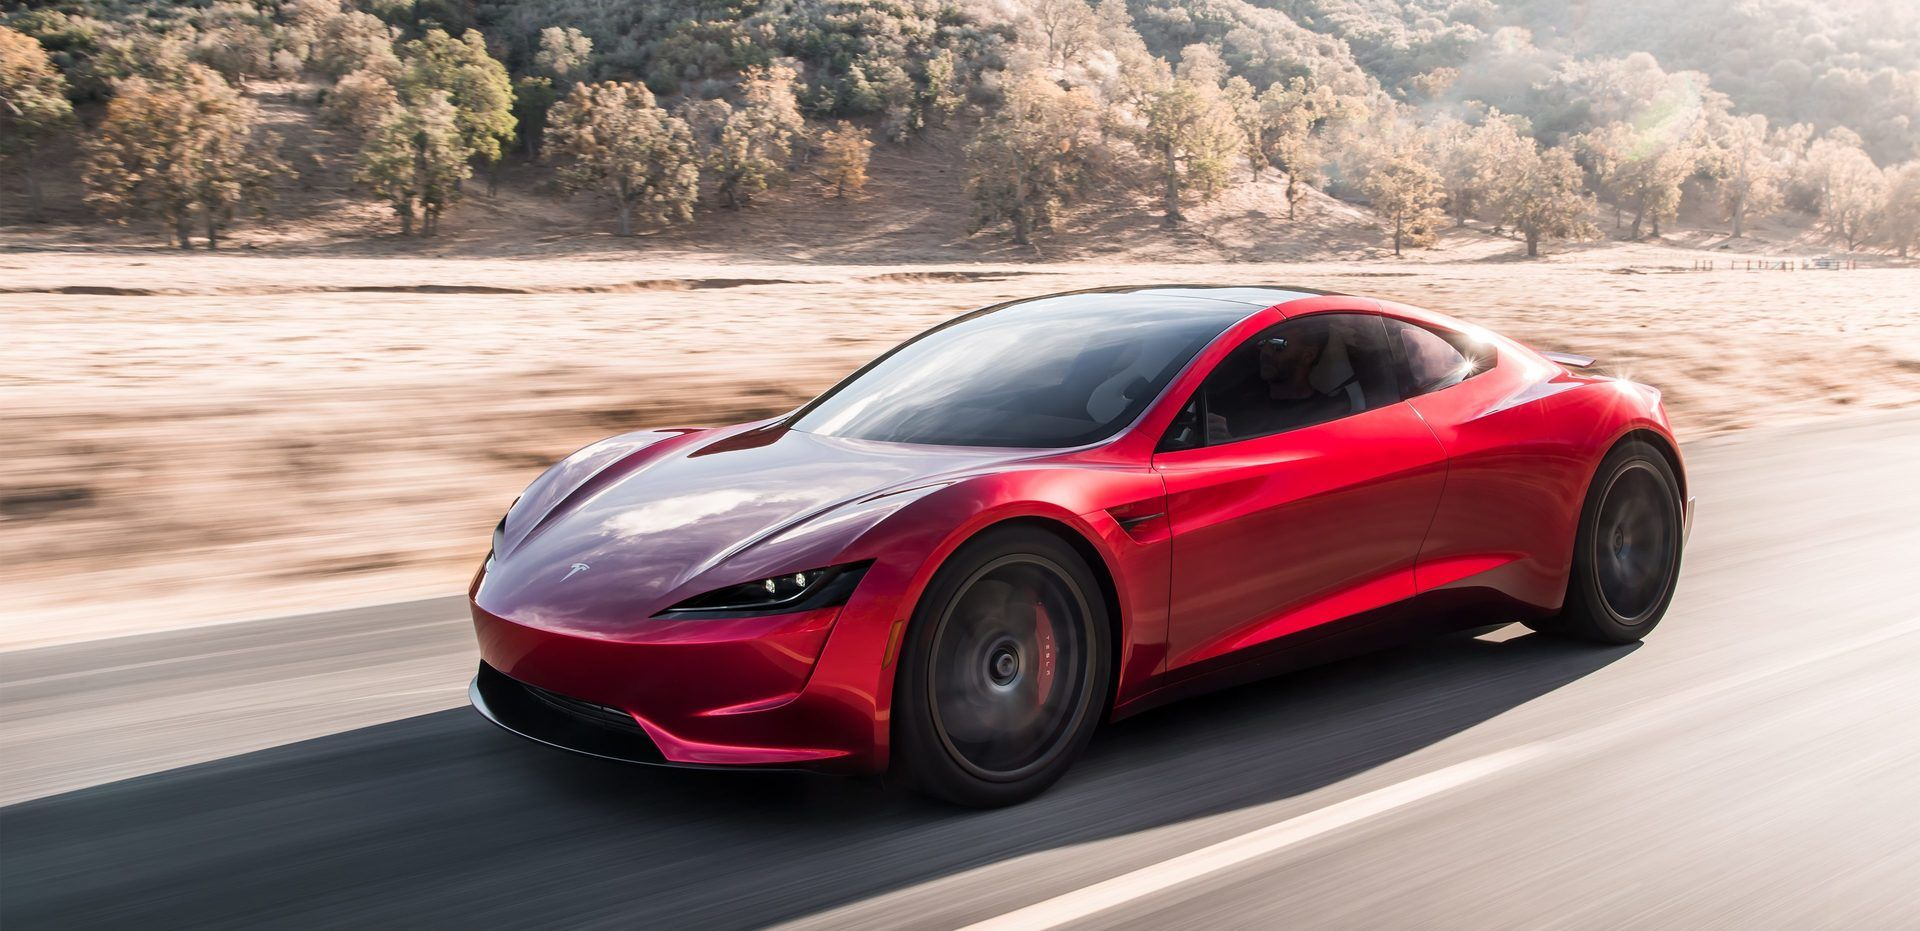 """Pats beprotiškiausias Elono pareiškimas gali tapti tiesa – """"naujasis Tesla Roadster turės specialų SpaceX paketą ir galės... skraidyti"""""""